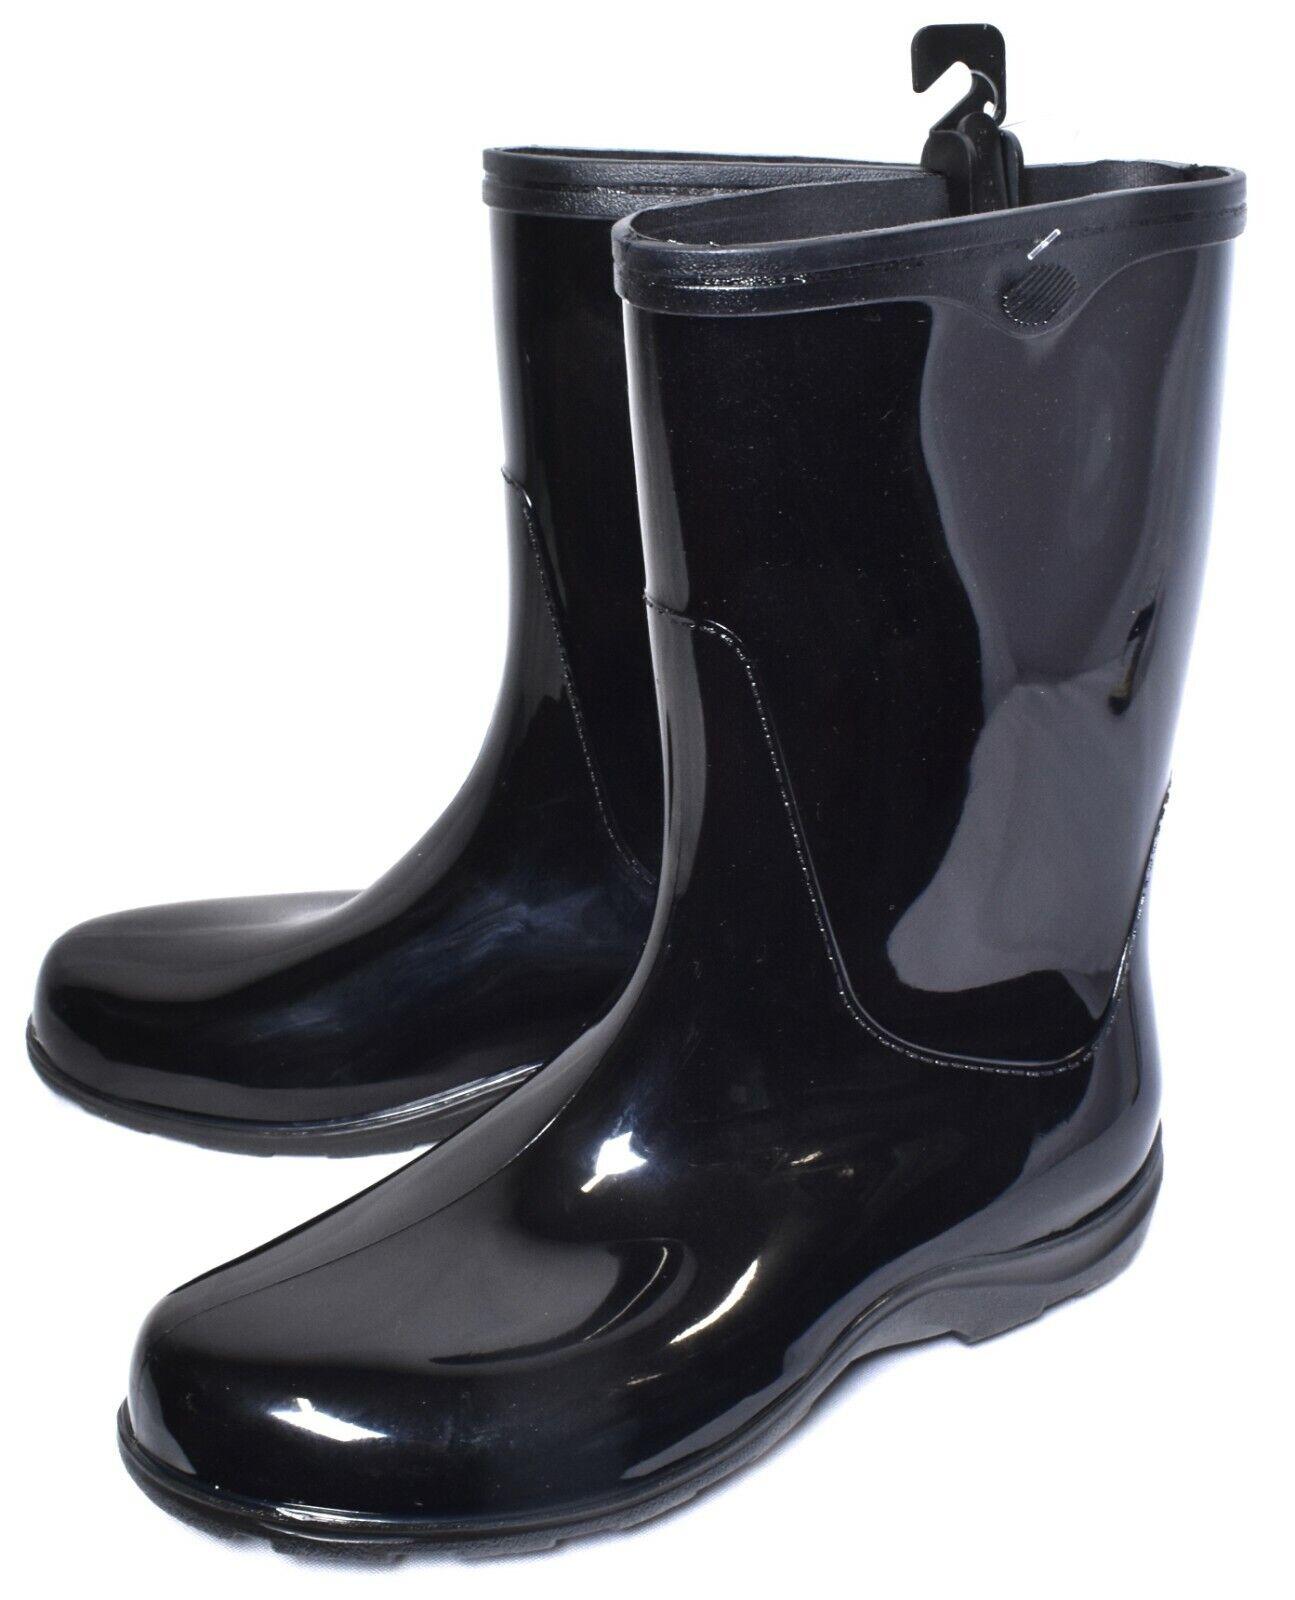 Sloggers 5000BK10 Women's Waterproof Rain Boots, Black - Siz